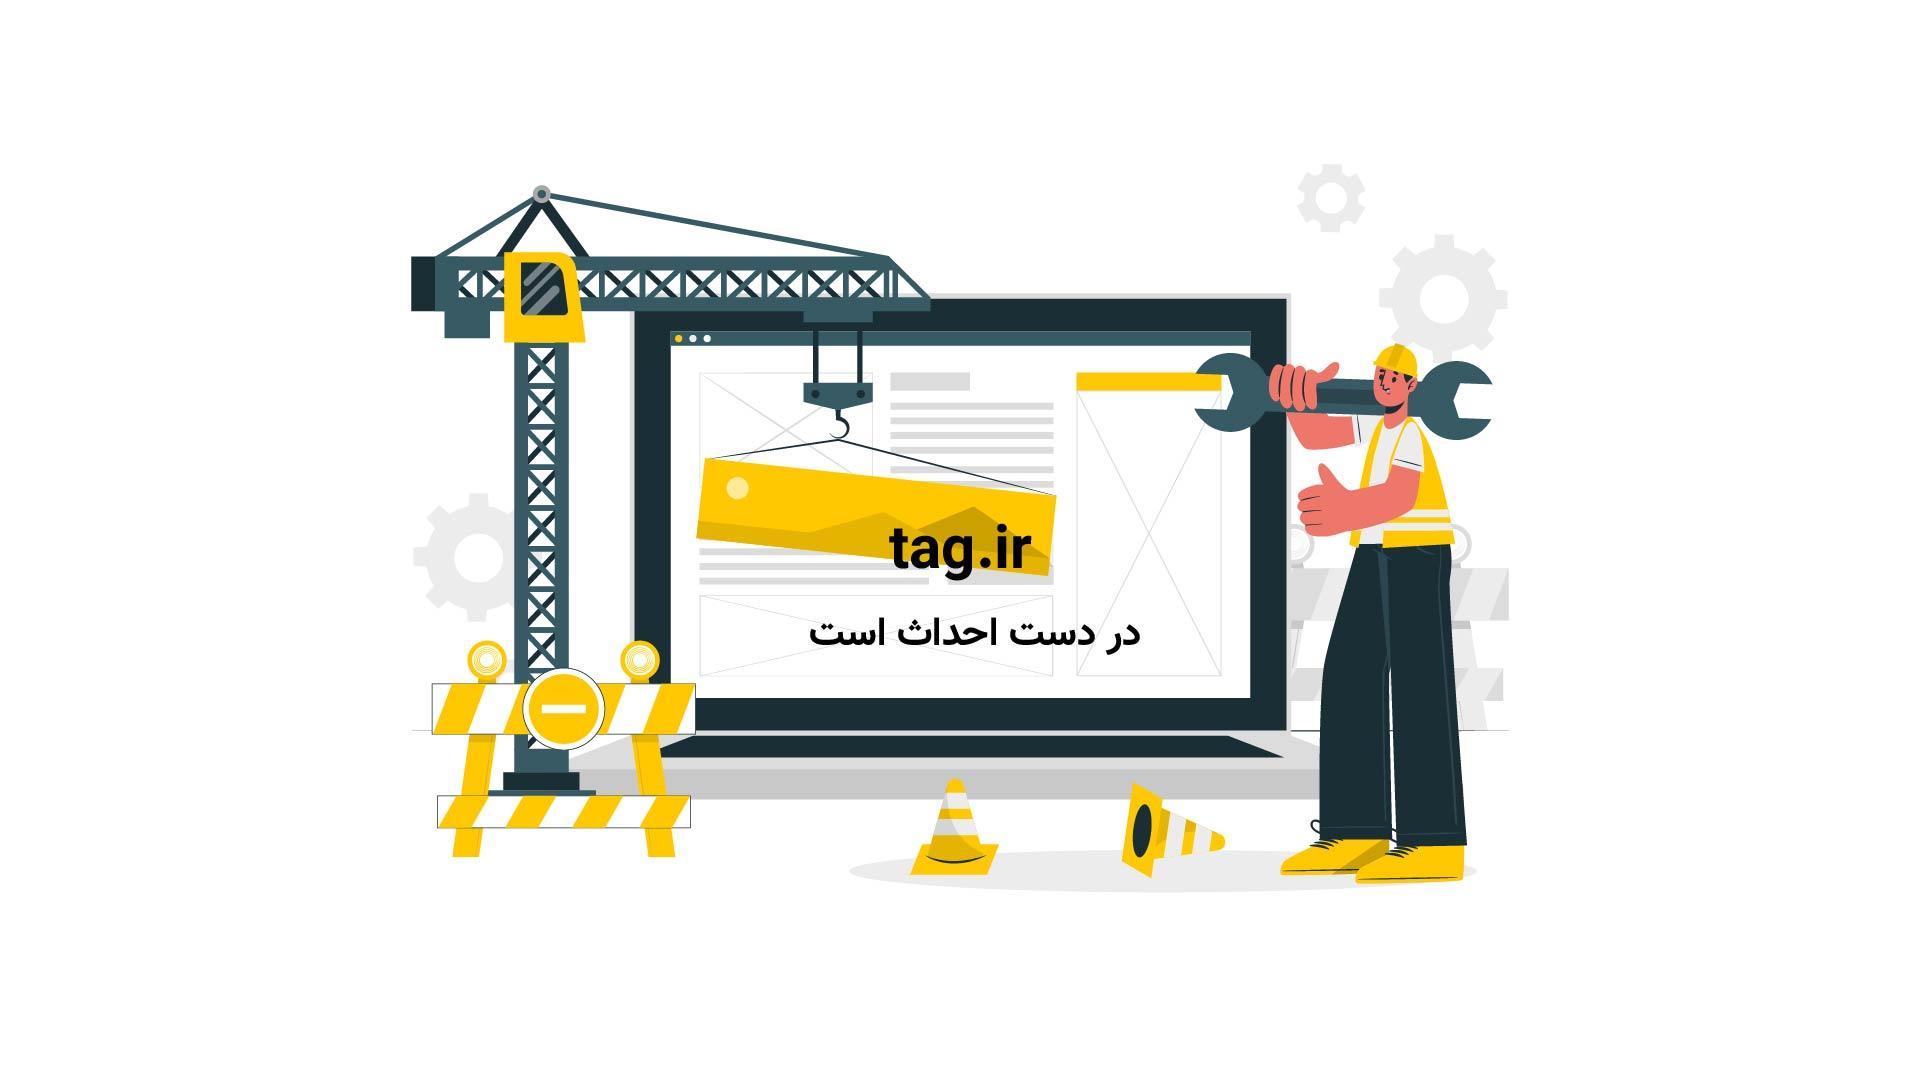 همسر شهید حججی: تقدیمش کردم به حضرت زینب (سلام الله علیها) | فیلم